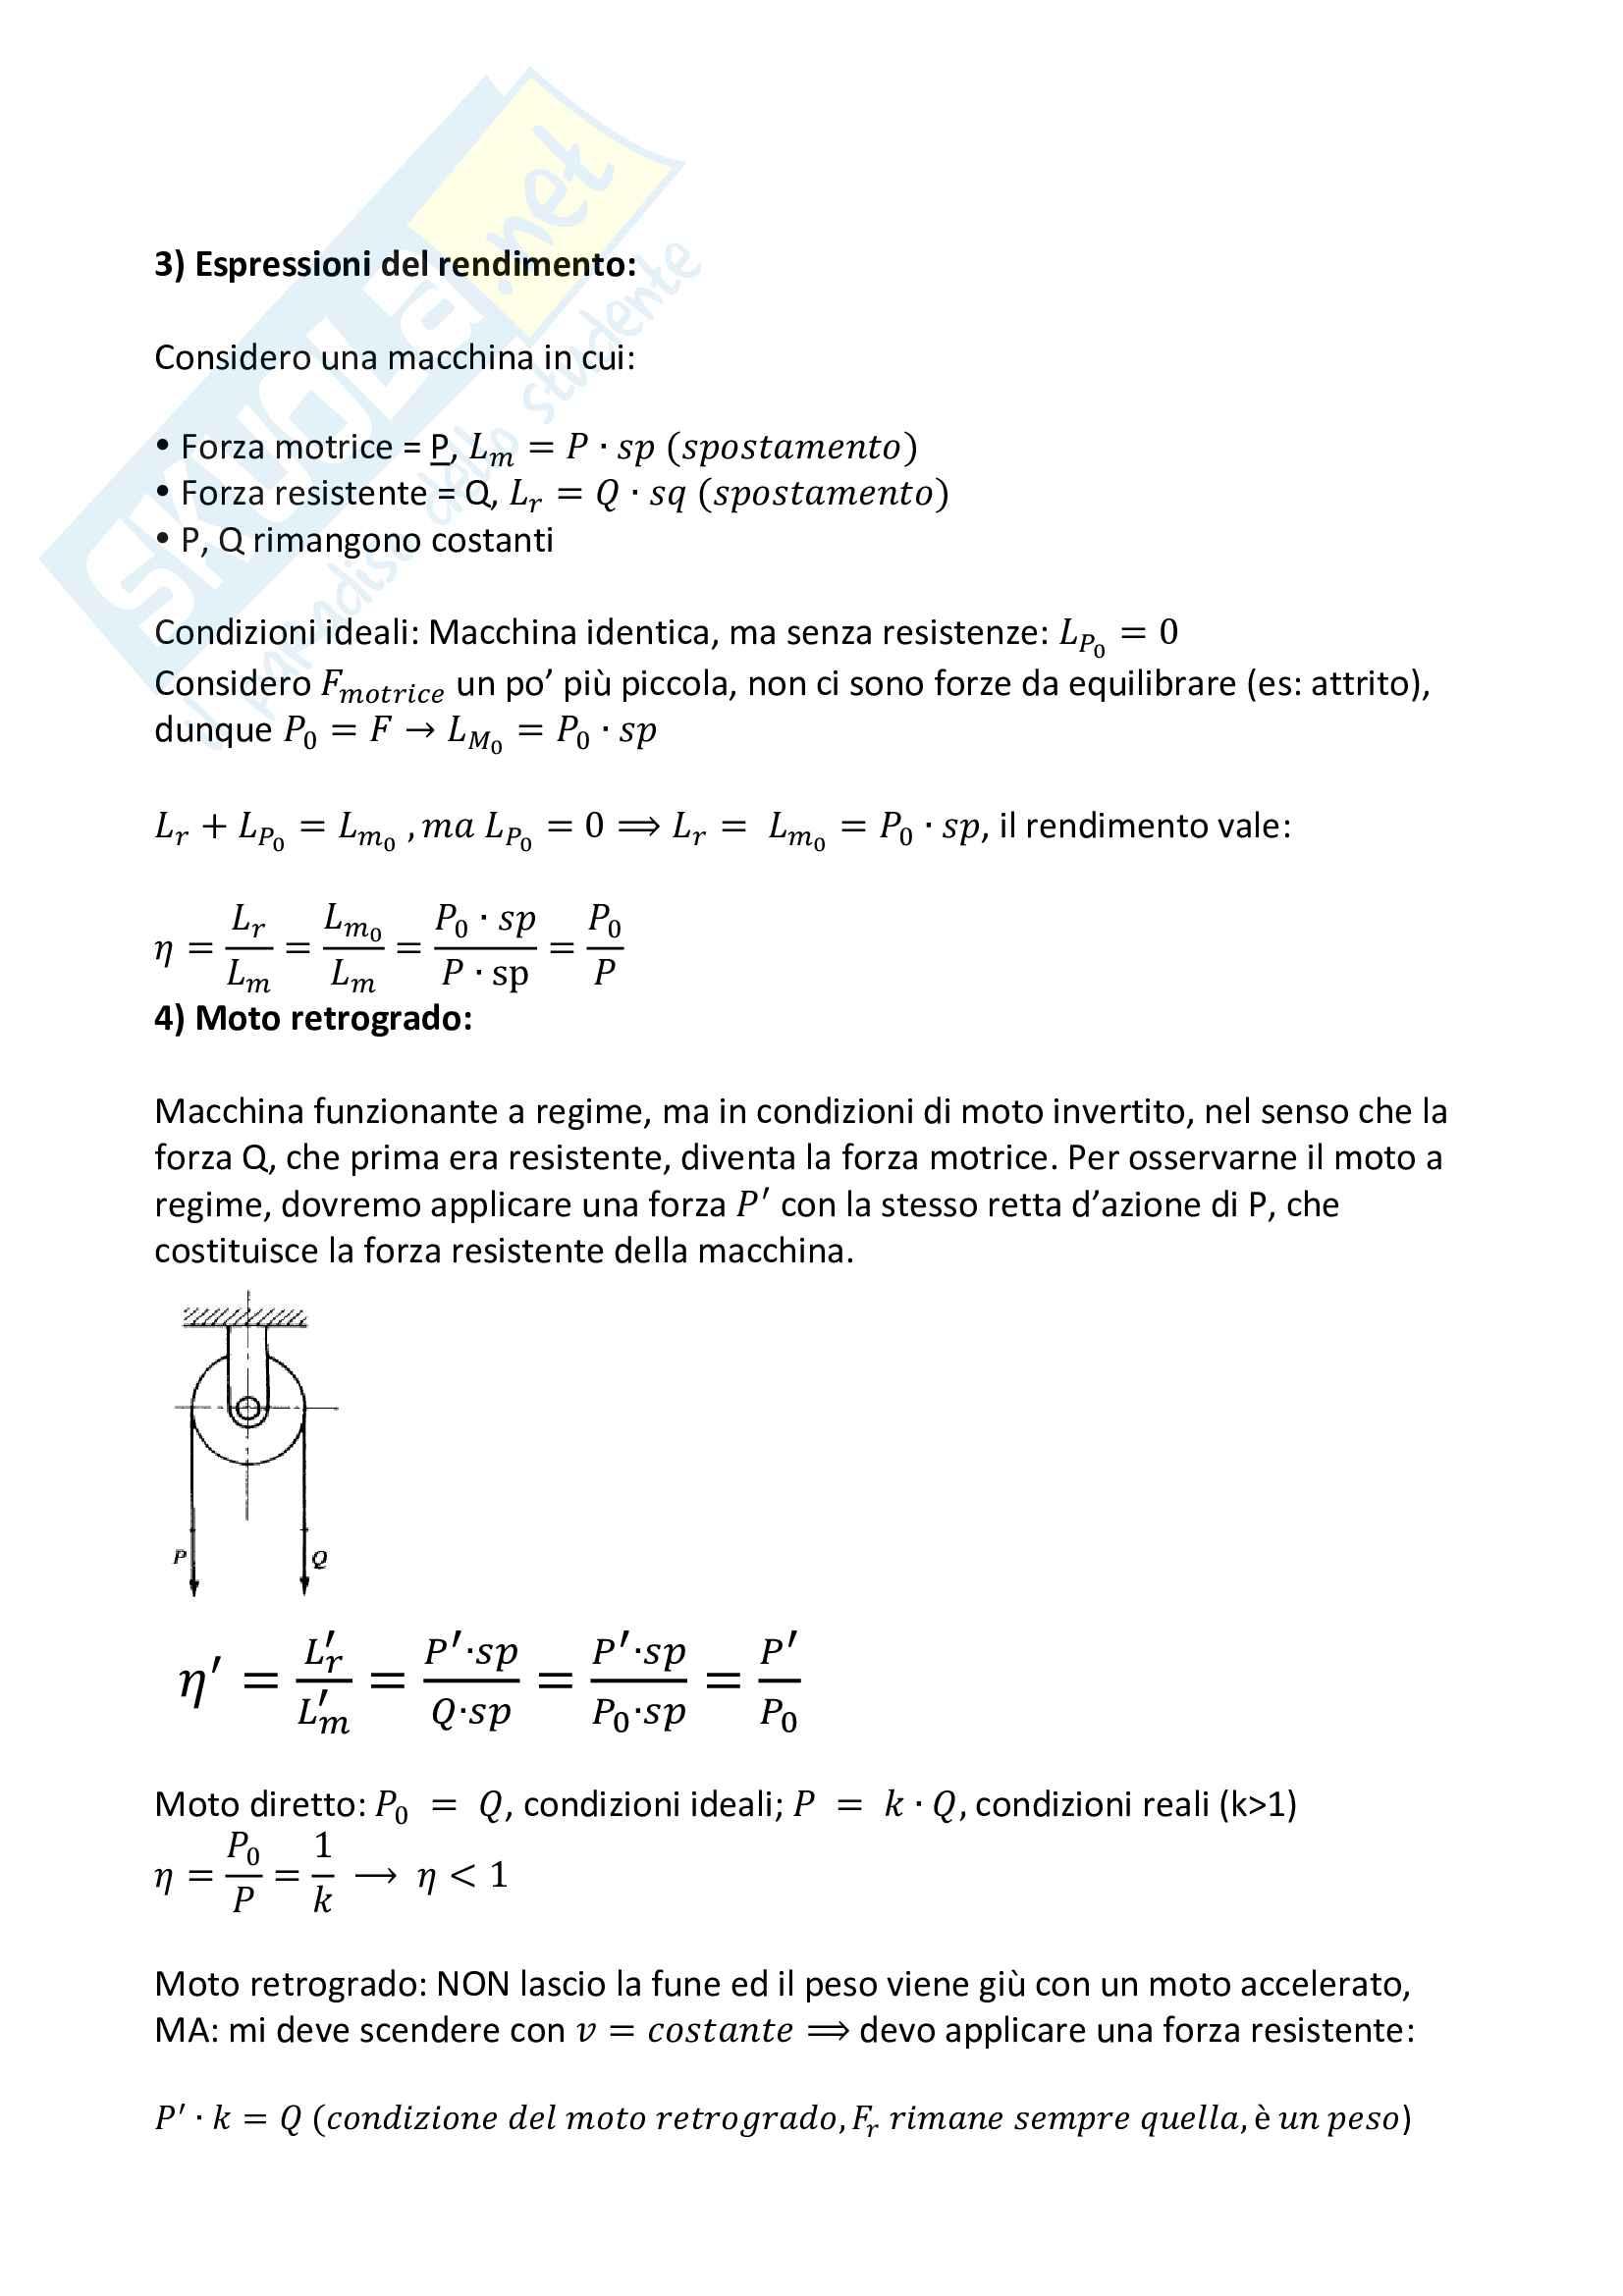 Appunti per l'esame di Meccanica Applicata alle Macchine Pag. 11